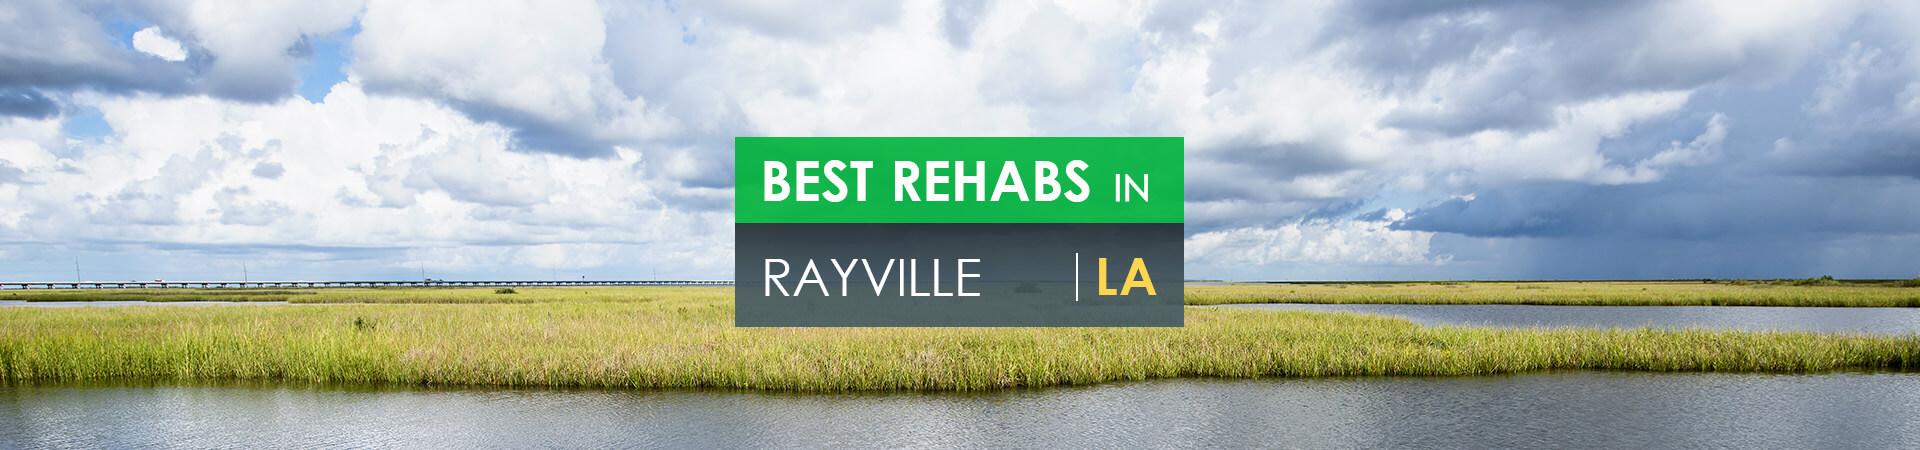 Best rehabs in Rayville, LA